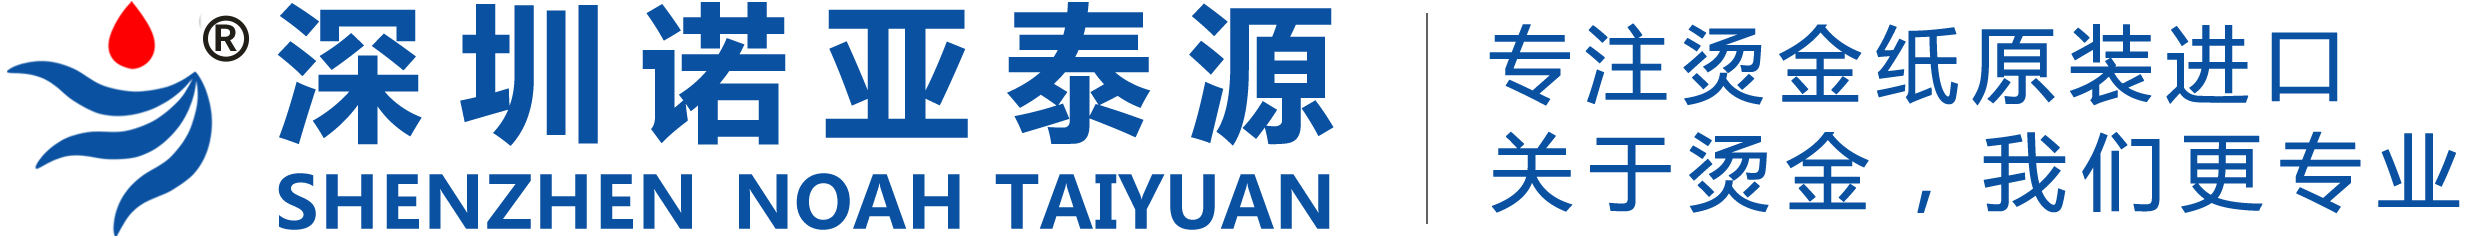 深圳市诺亚泰源烫金器材有限公司